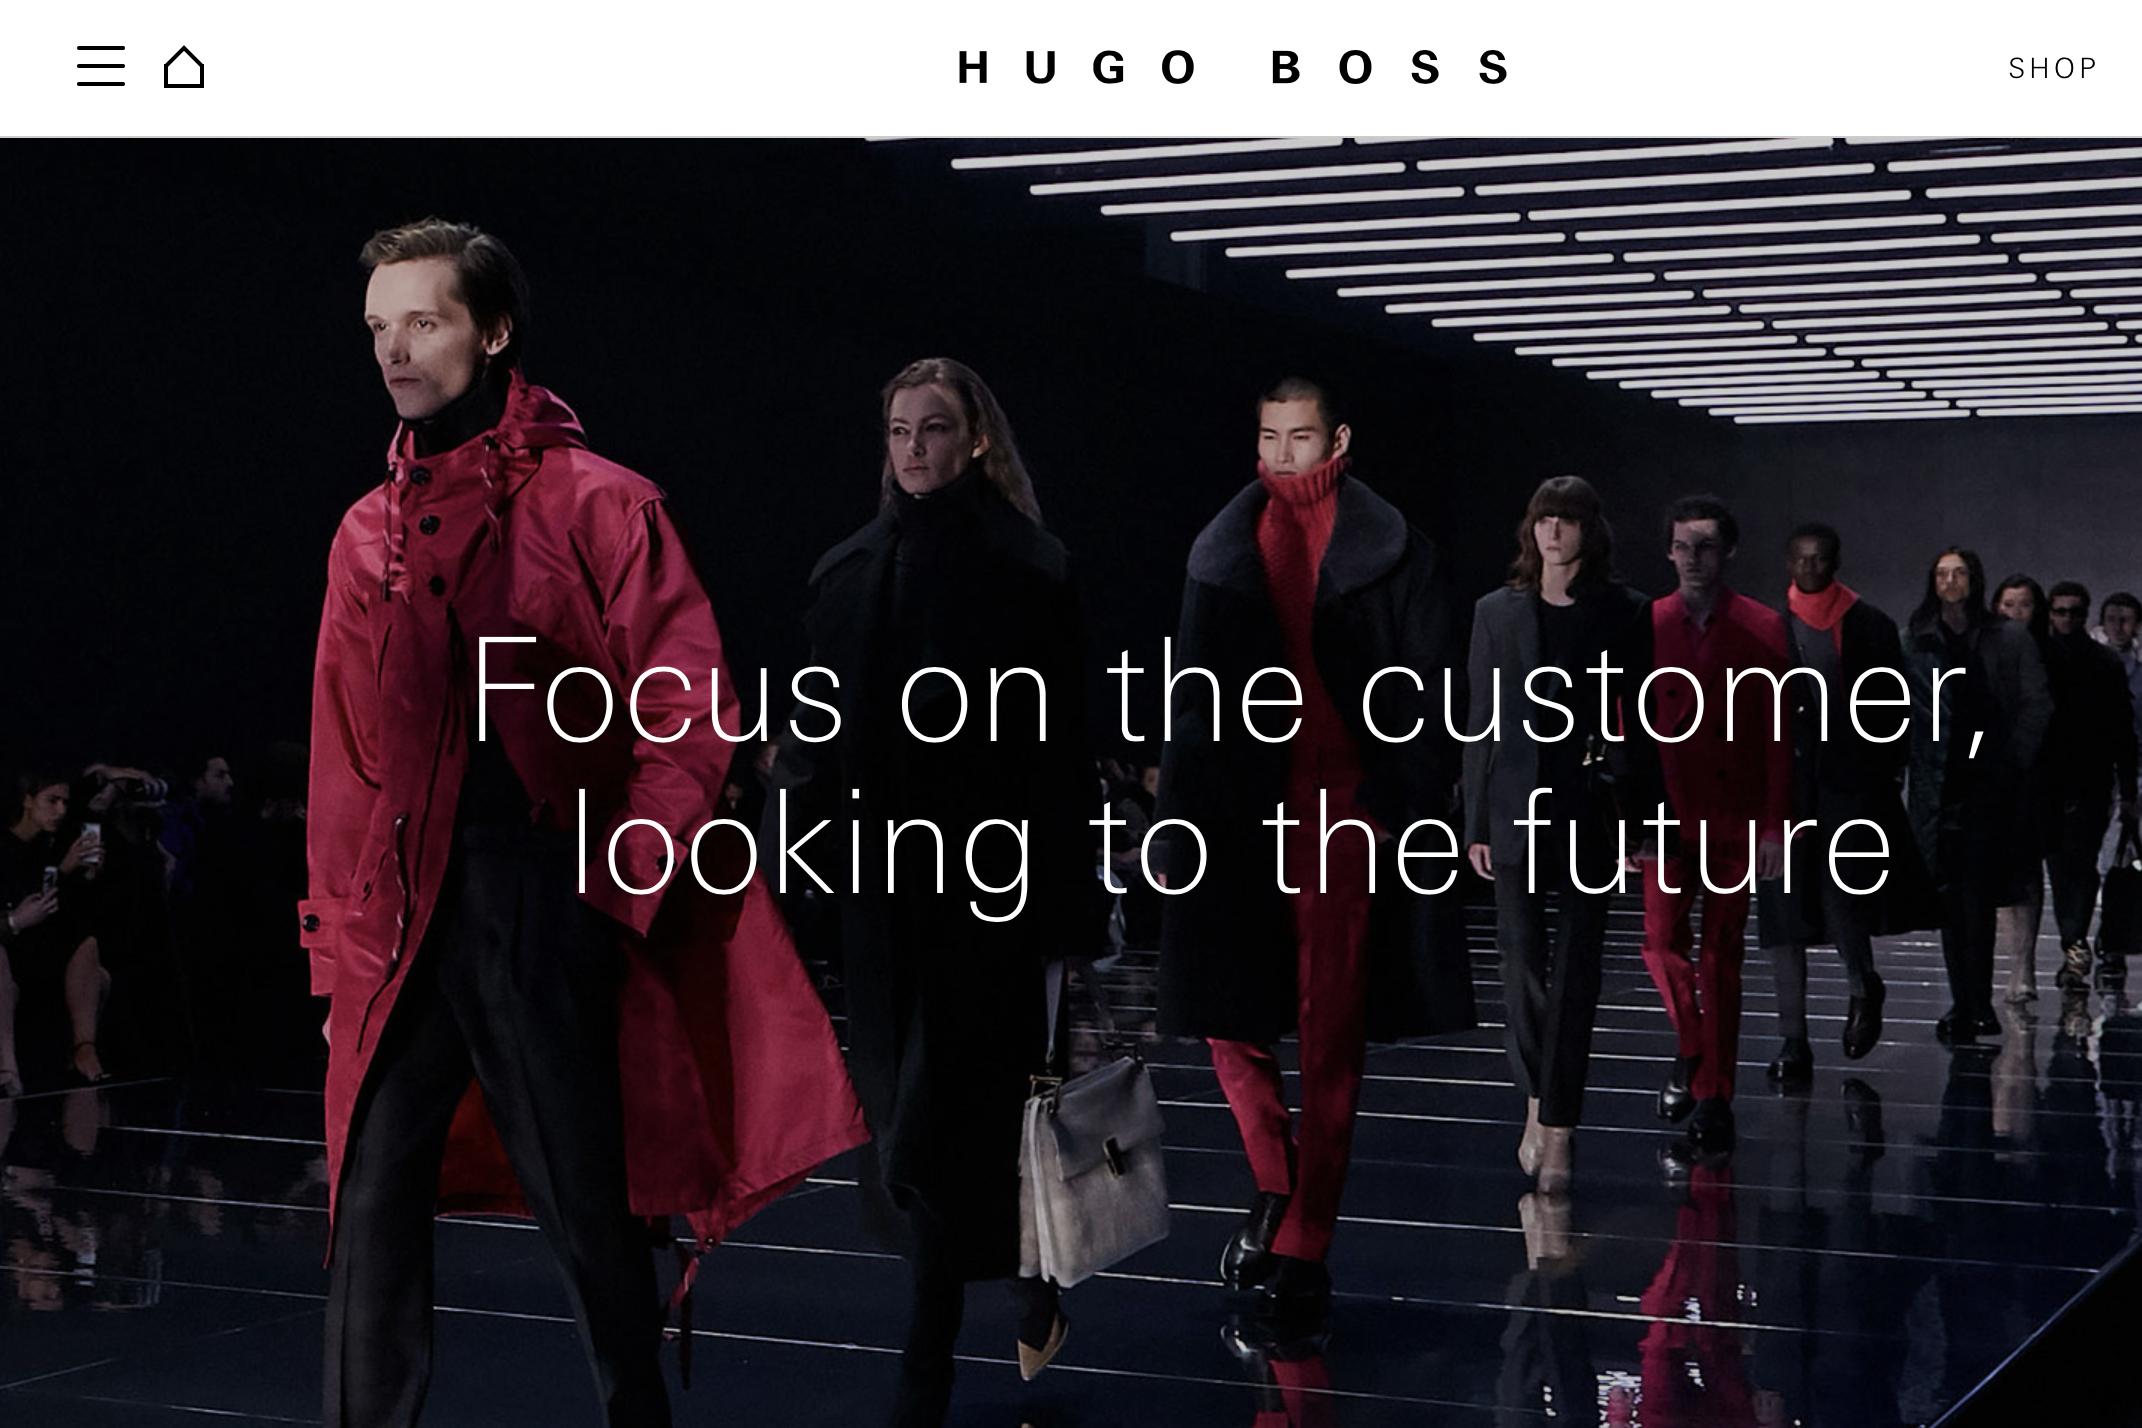 Hugo Boss发布最新季报:中国市场和线上业务维持增长势头,美国市场更加疲软